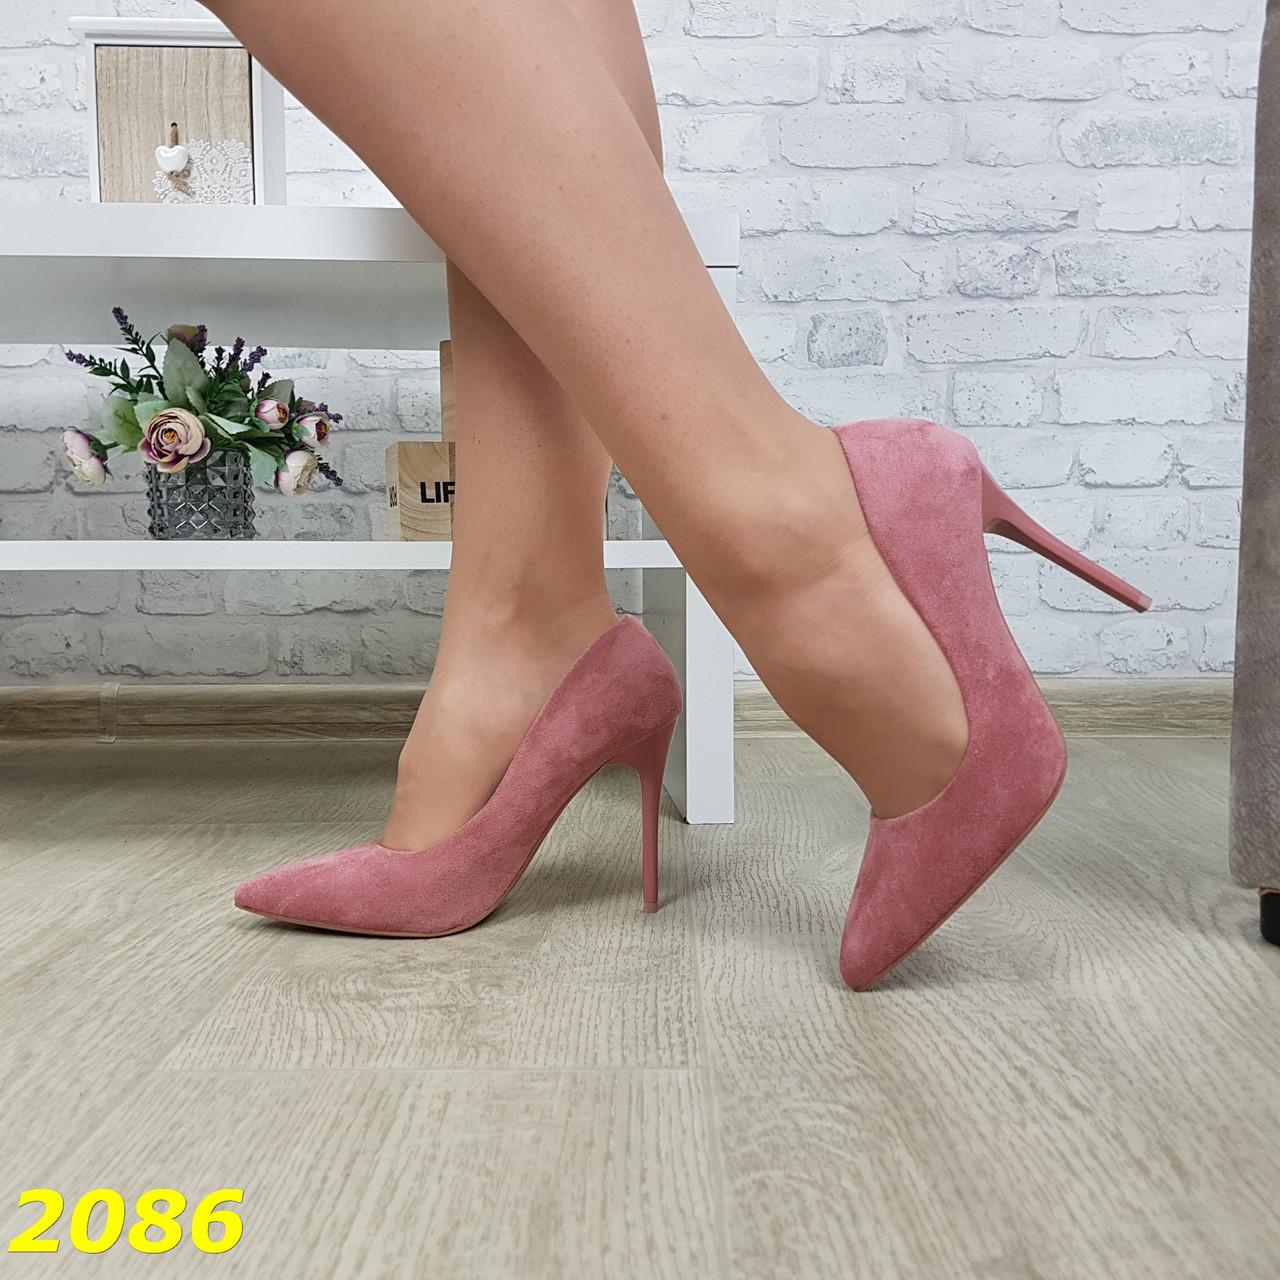 Класичні туфлі замшеві на невисокому каблуці класика пудрові